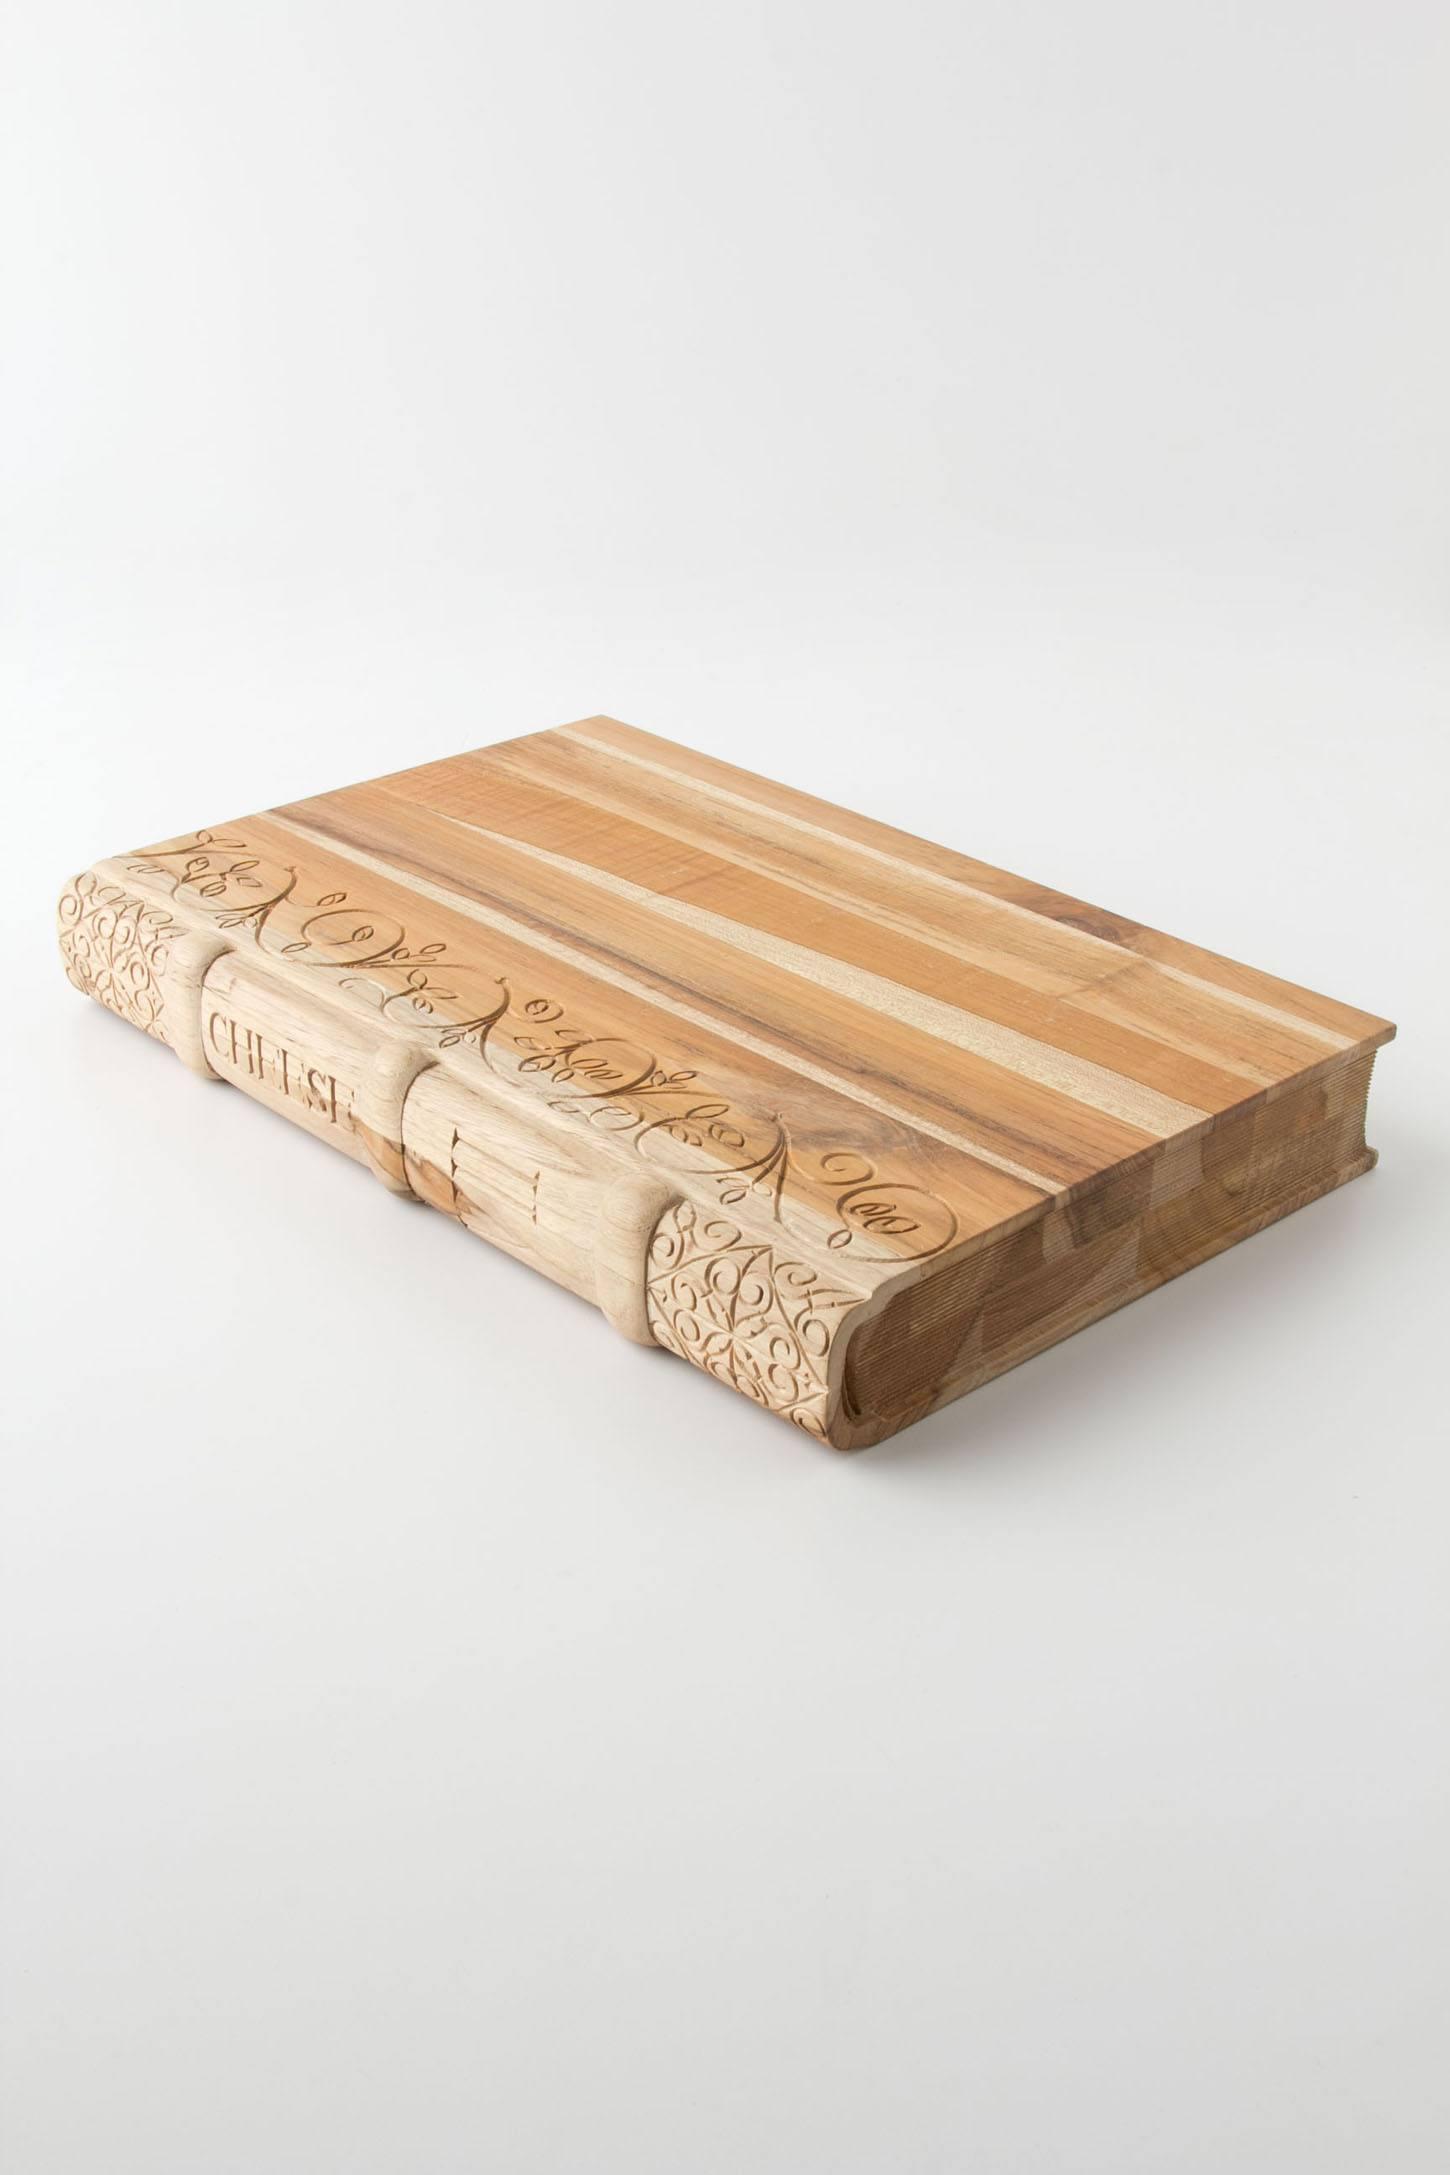 Novel Cheeseboard that looks like a book